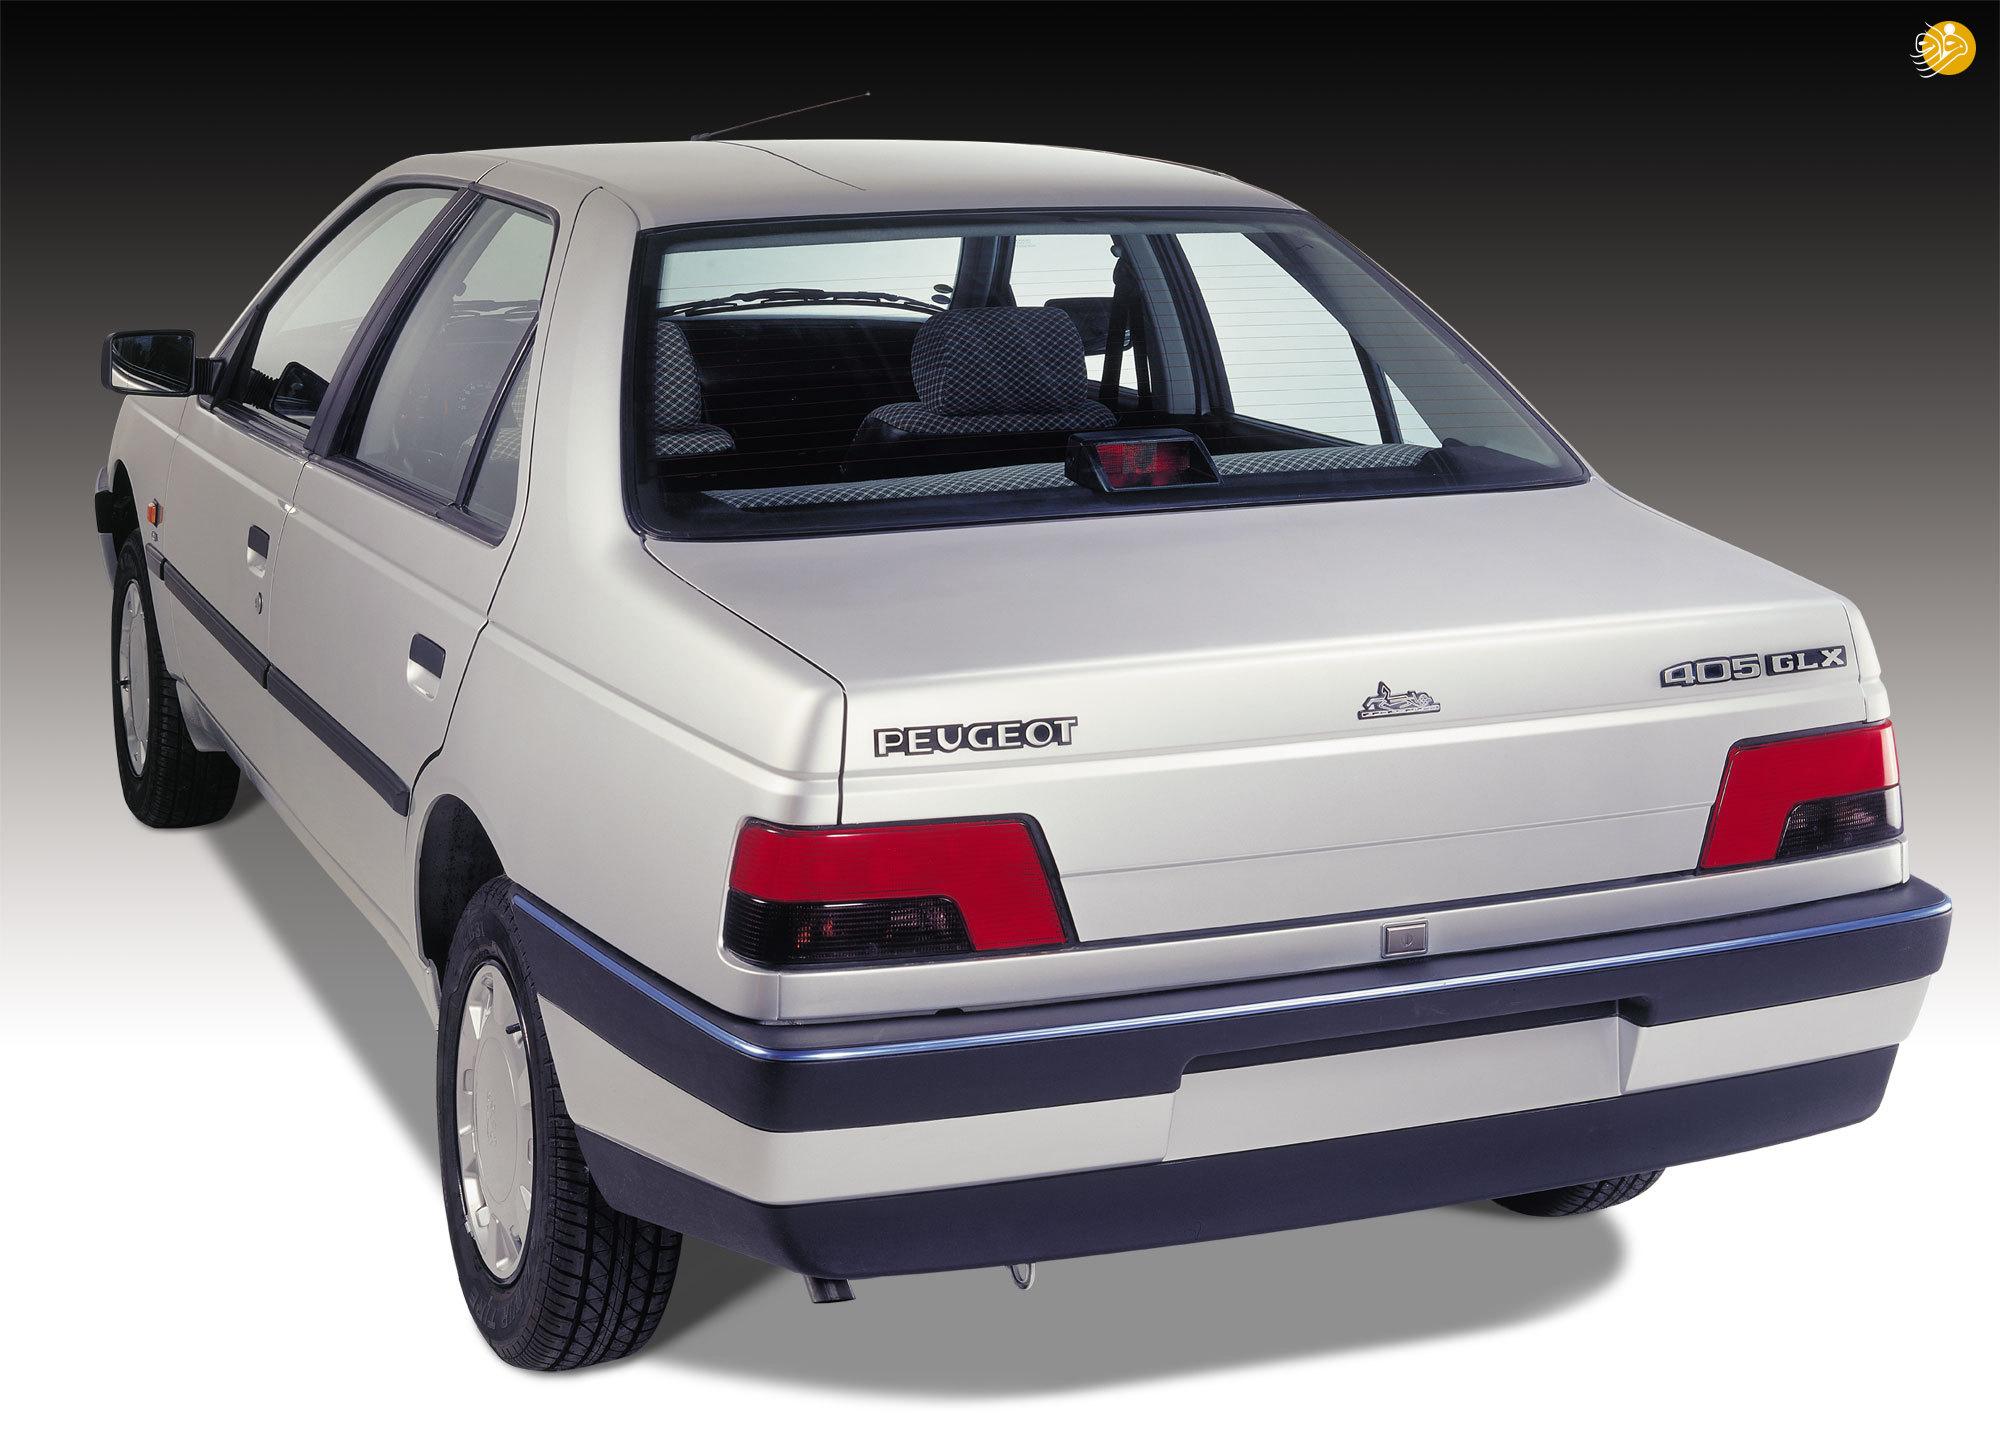 قیمت روز خودرو جمعه ۱۸ مرداد ۹۸؛ جک S۳ در بازار خودرو ۱۹۰ میلیون